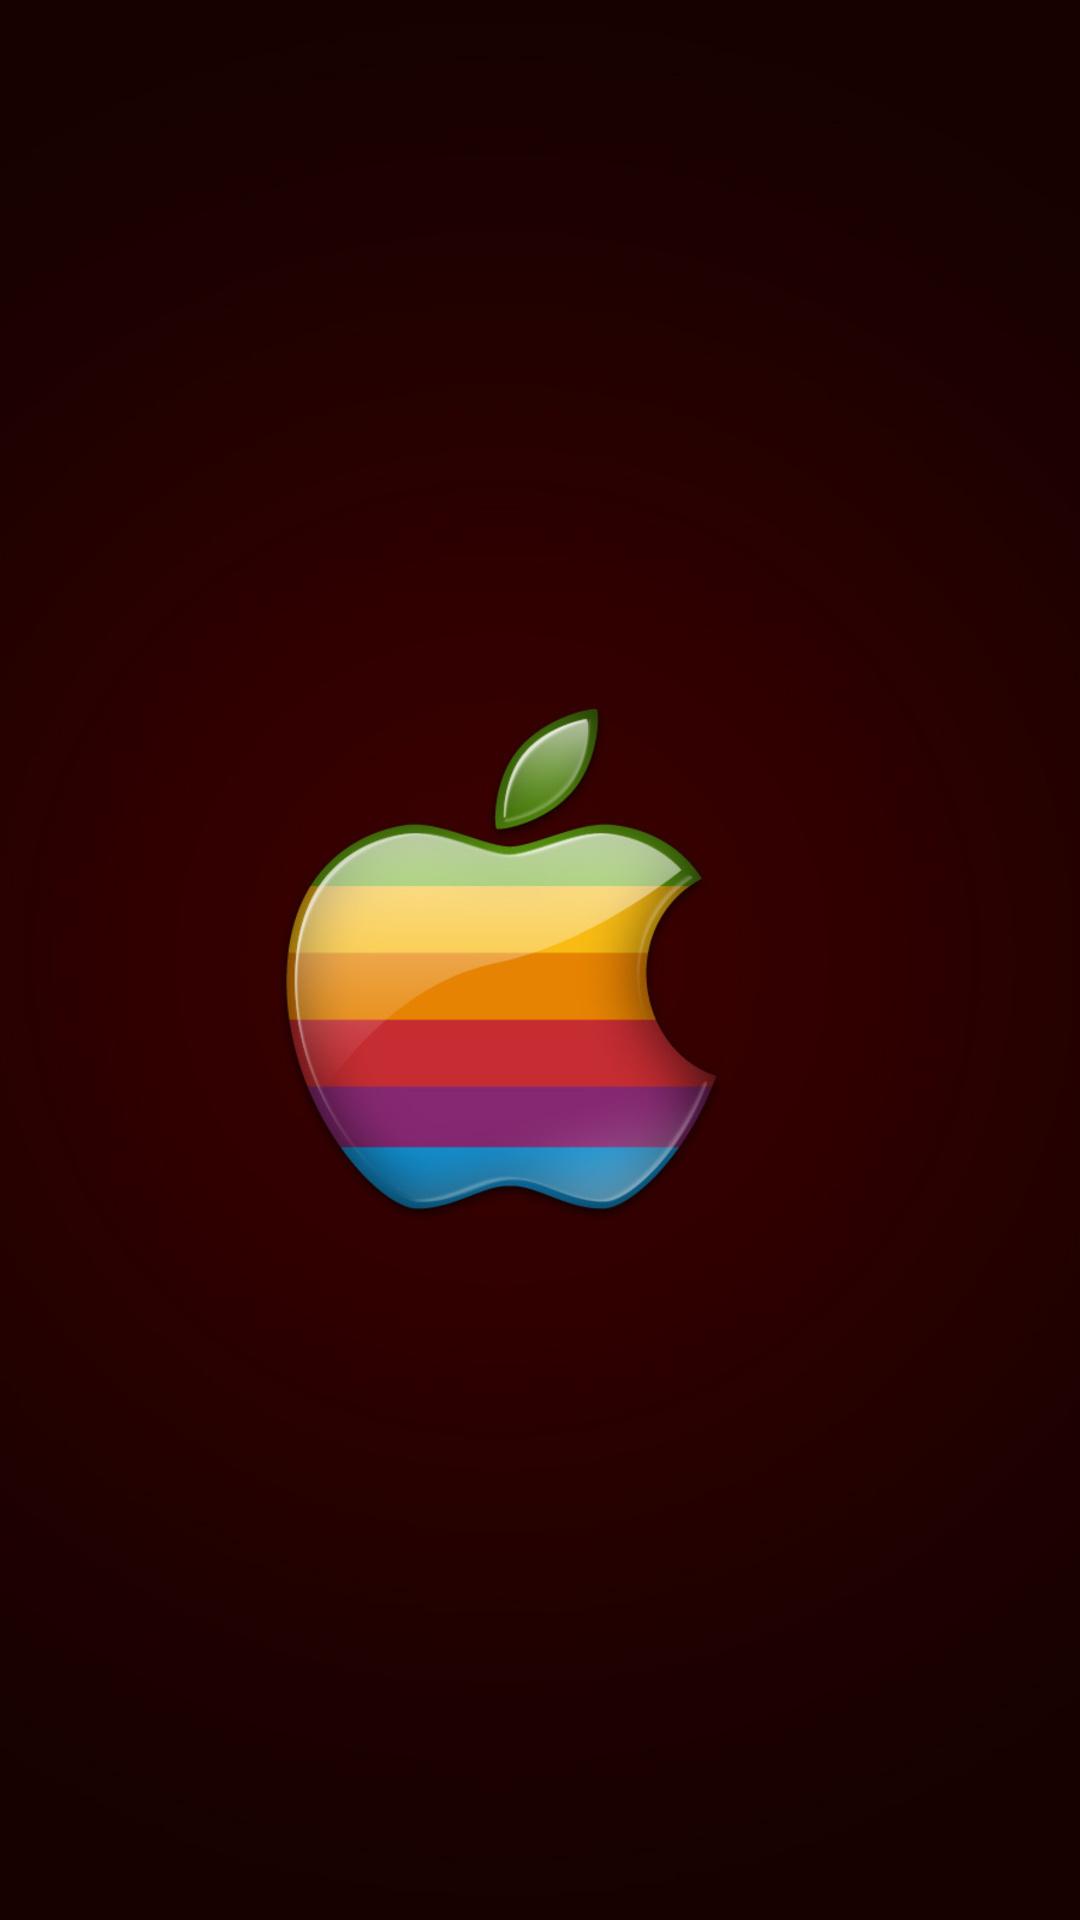 retro-apple-logo-xk.jpg